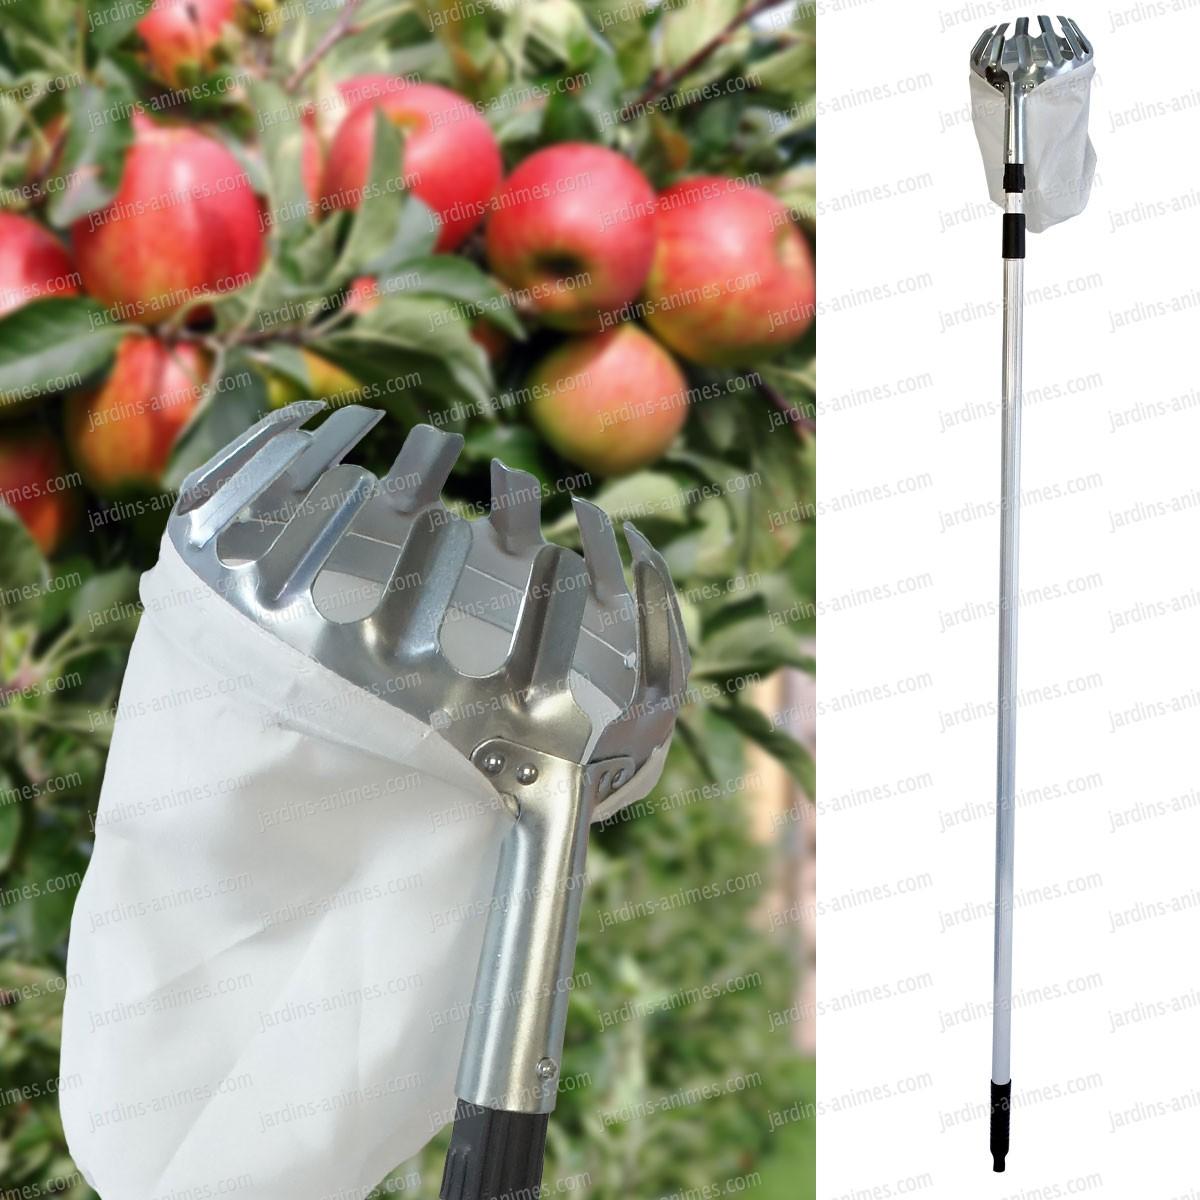 Cueille fruit t l scopique 150cm 260cm r colter les fruits - Cueille fruit telescopique ...